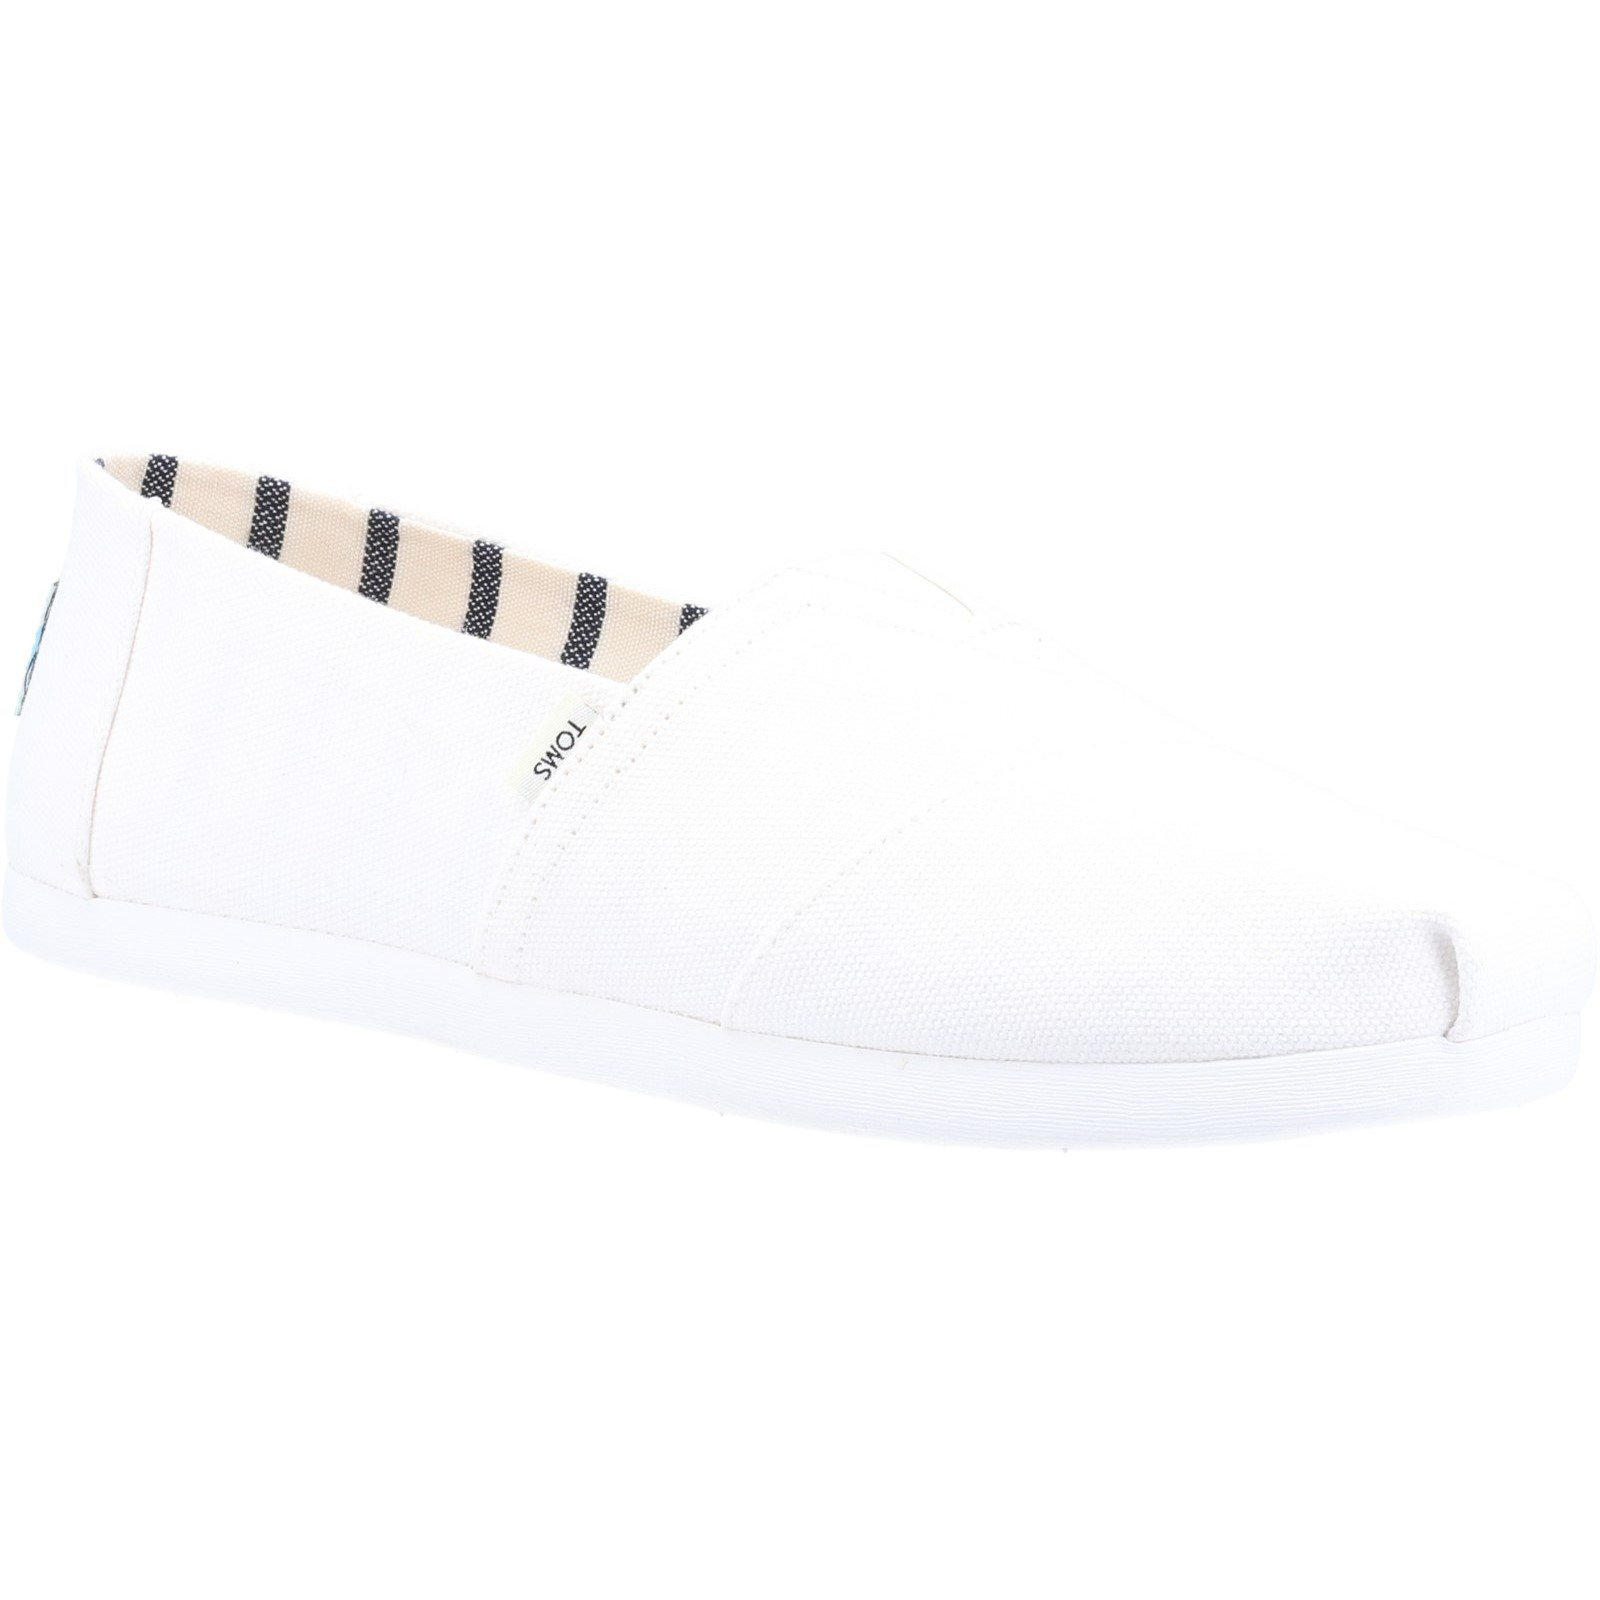 TOMS Men's Alpargata Canvas Loafer White 32554 - White 12